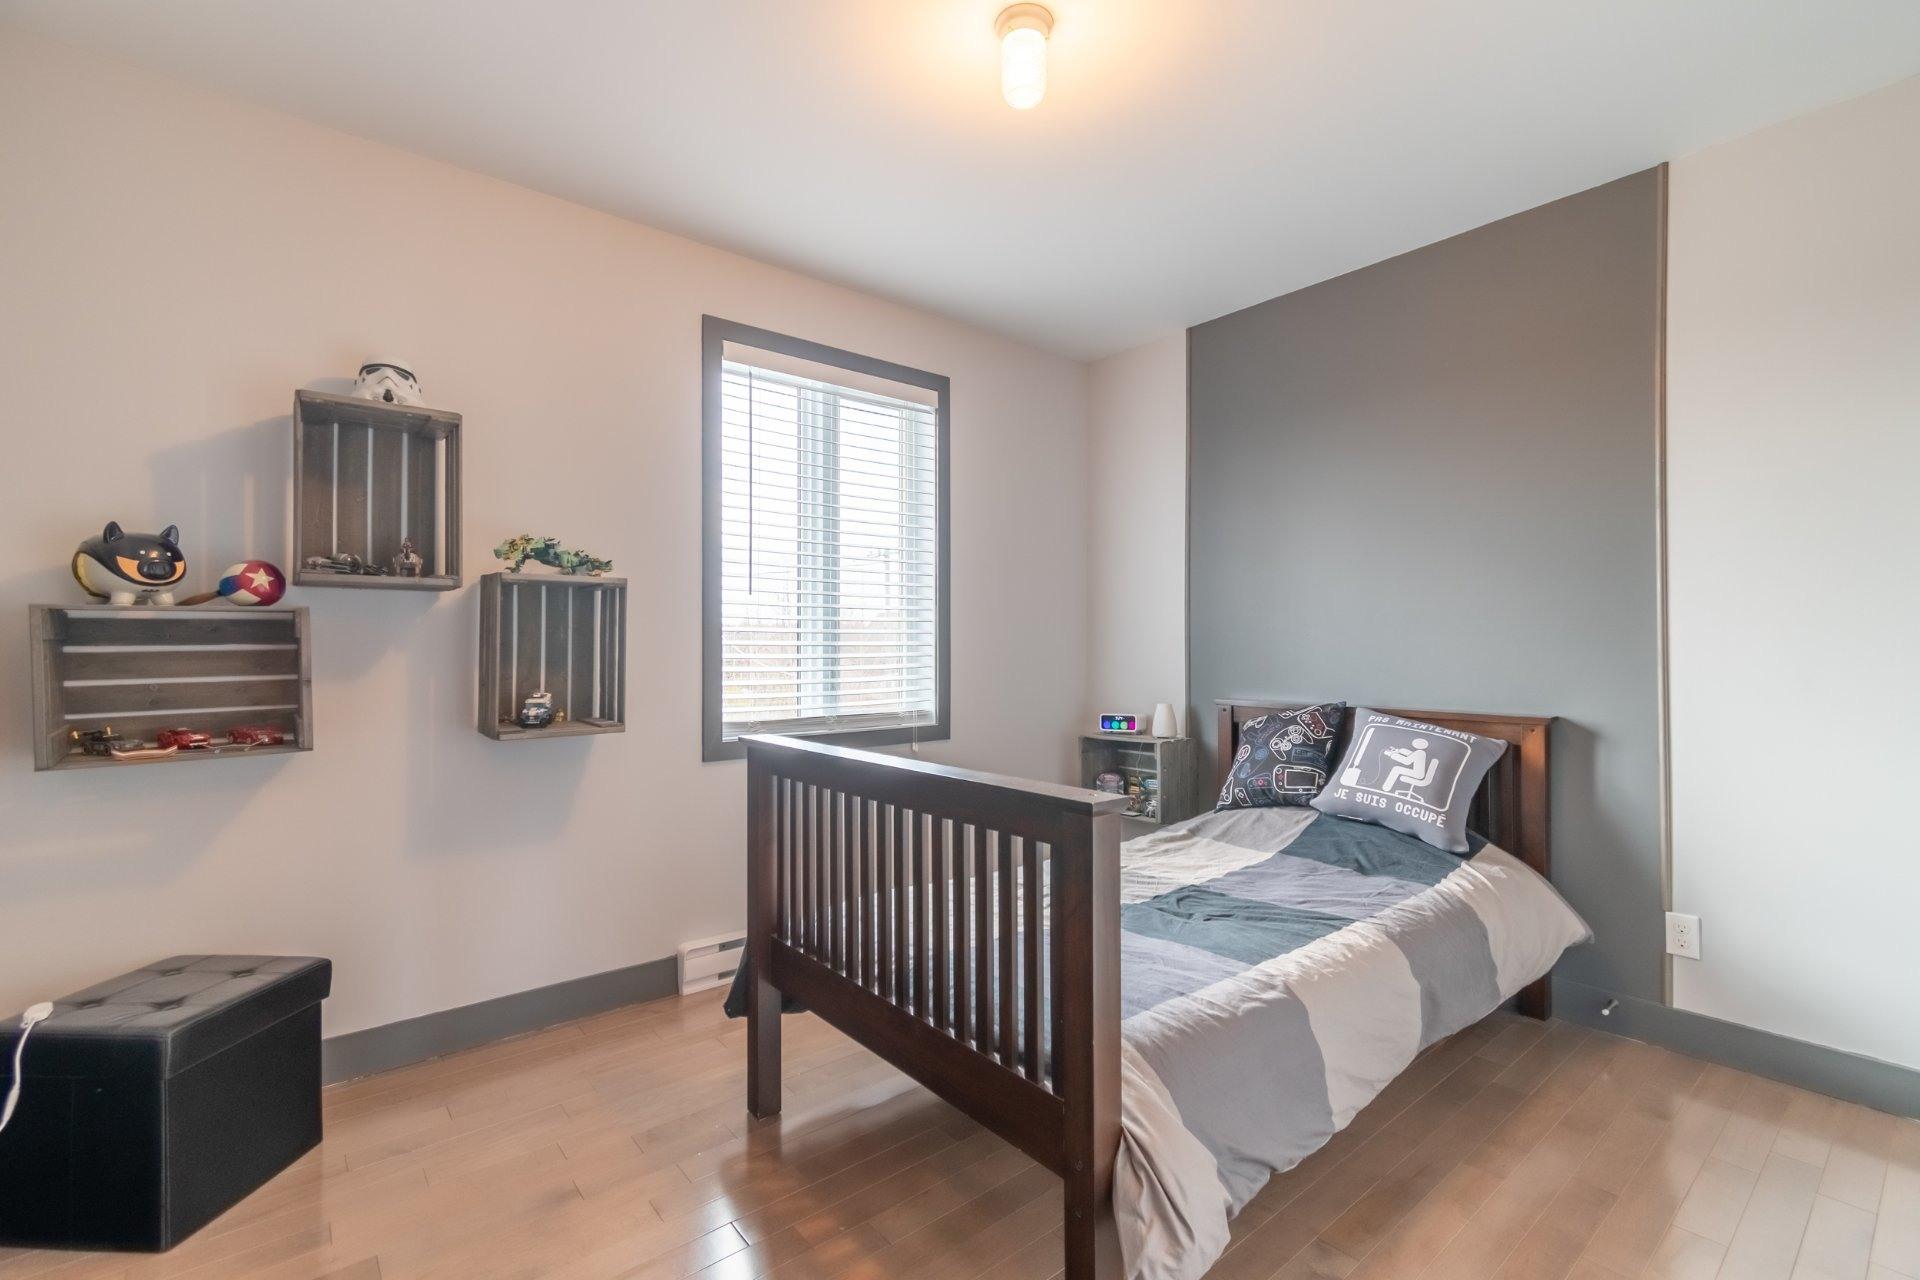 image 15 - House For sale Trois-Rivières - 9 rooms